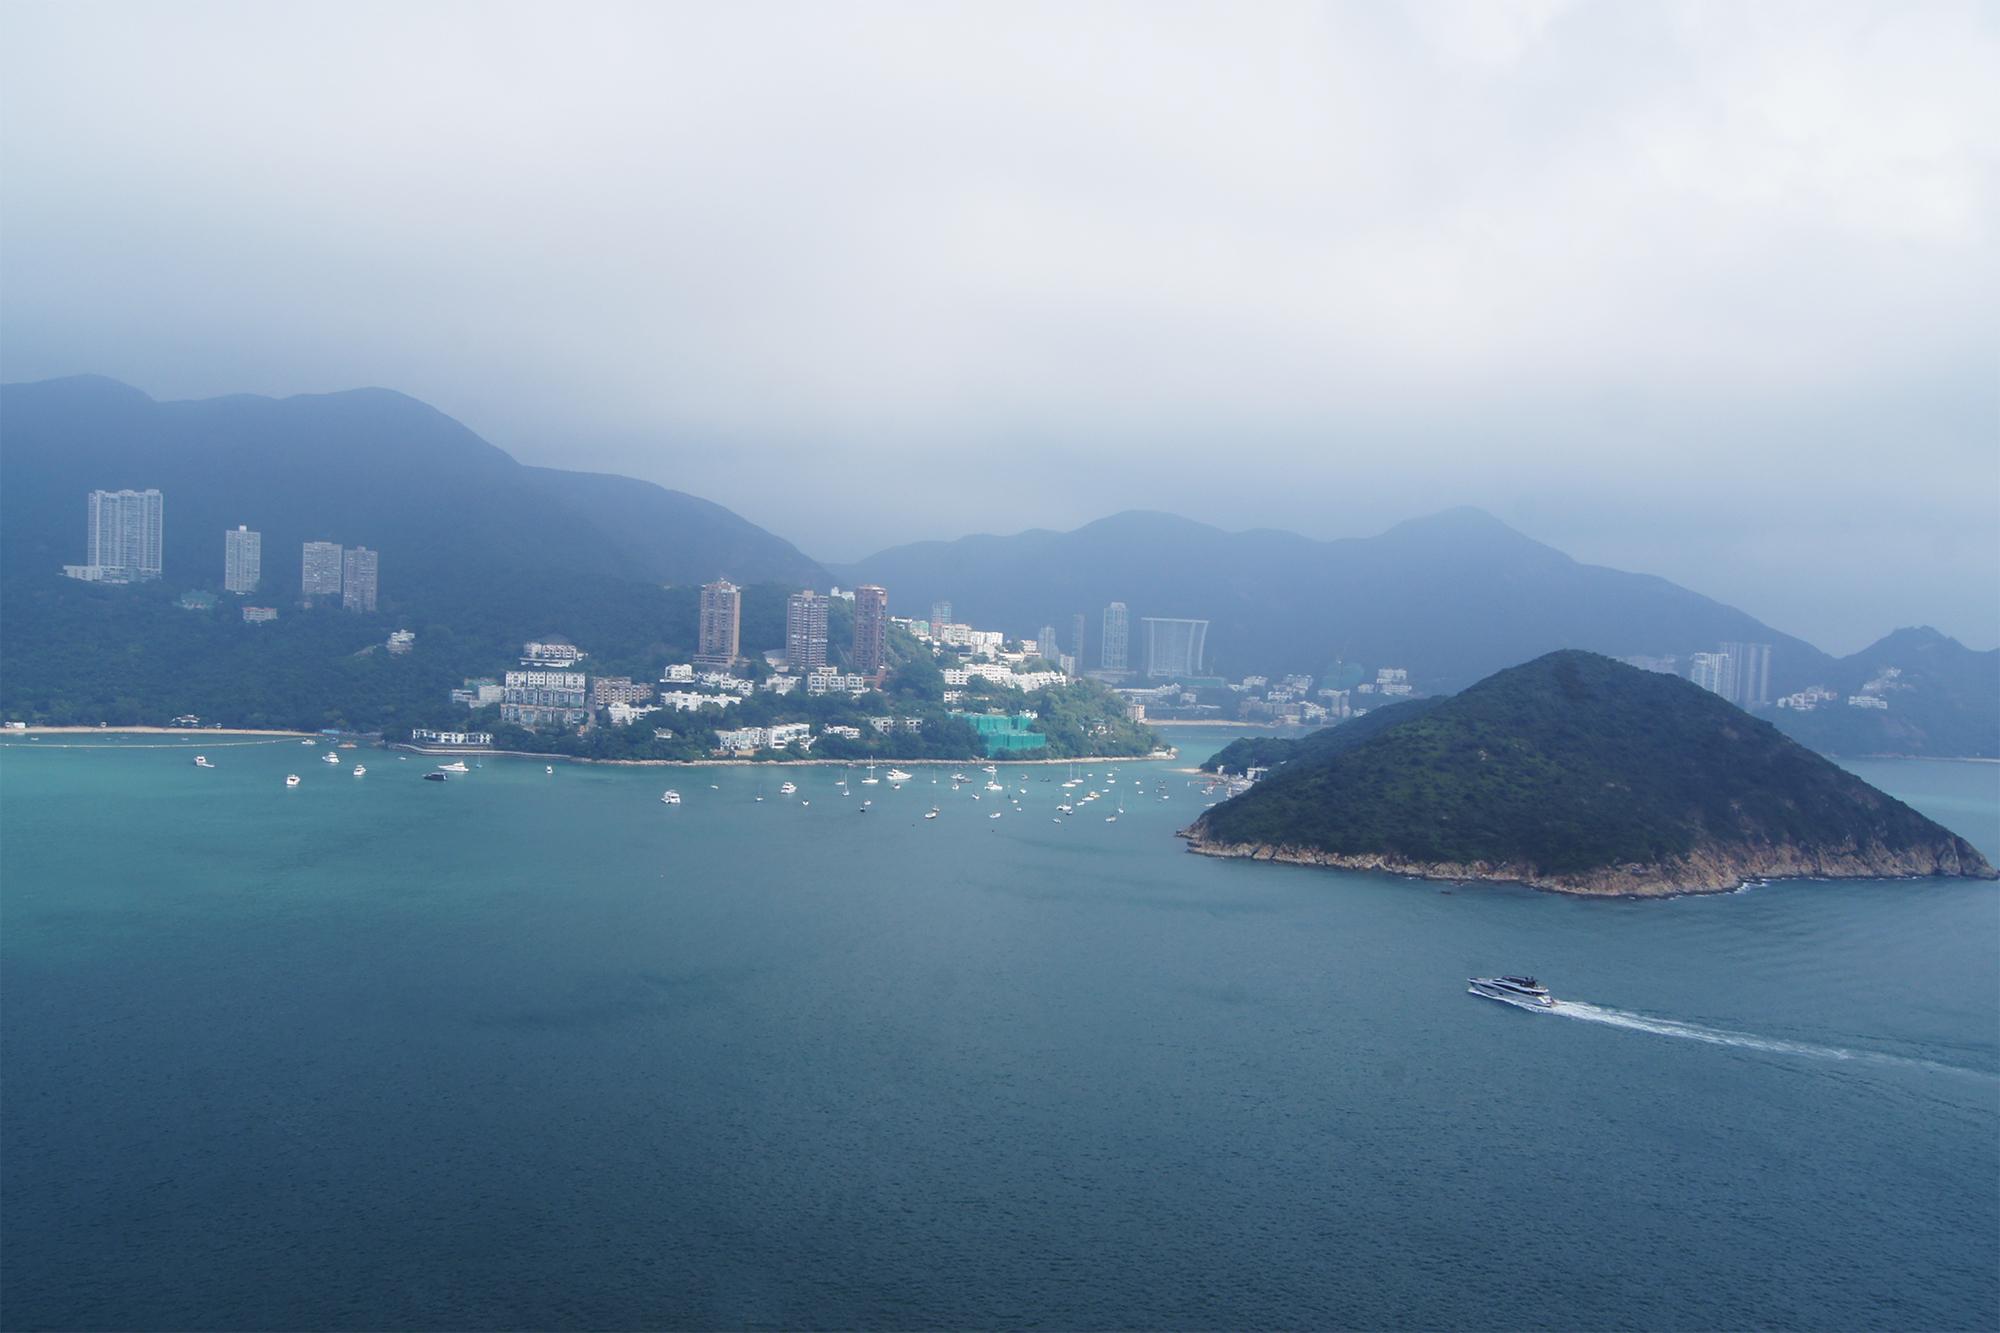 5公里的架空钢索,让旅客有充足的时间沿途欣赏香港岛南区的辽阔景致